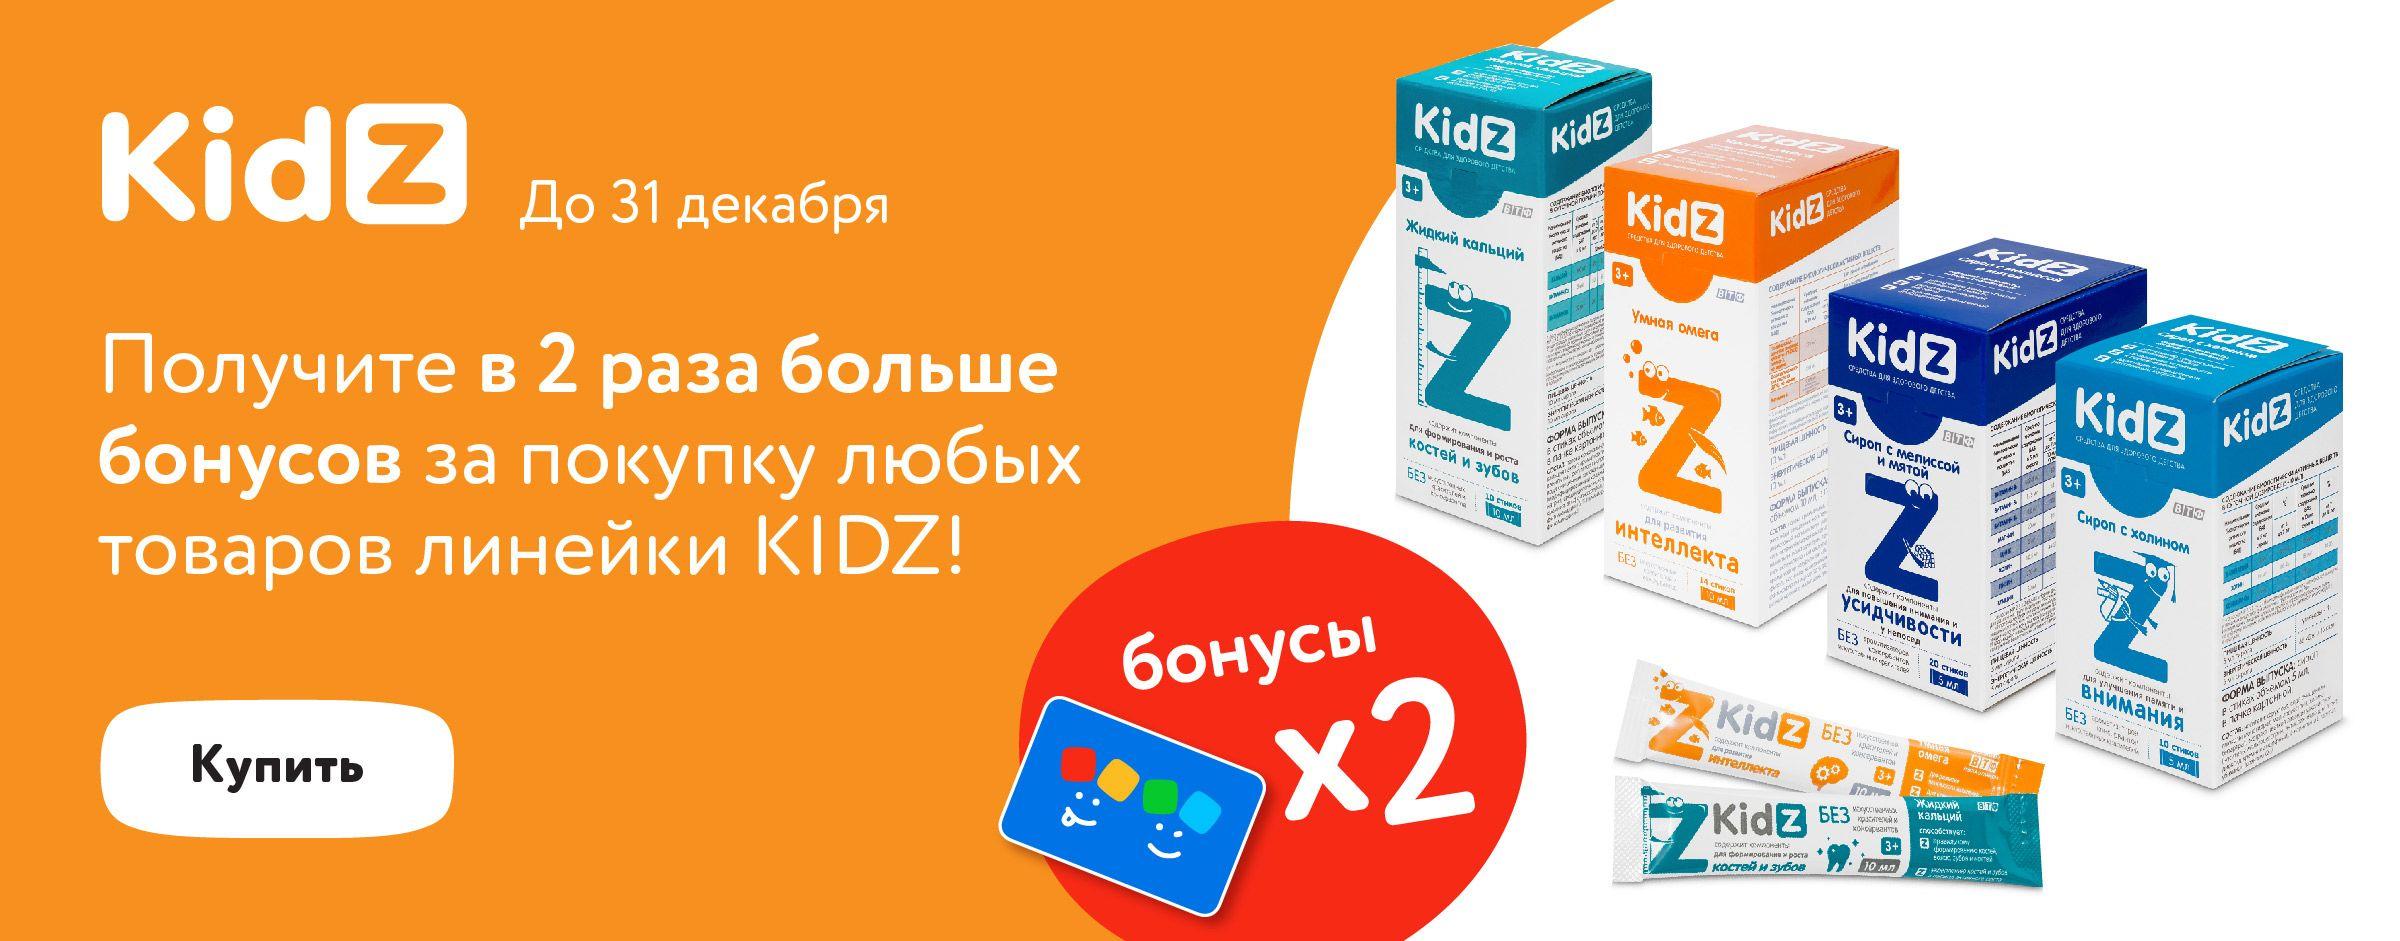 В 2 раза больше бонусов за покупку товаров KidZ БАДЫ и ПП